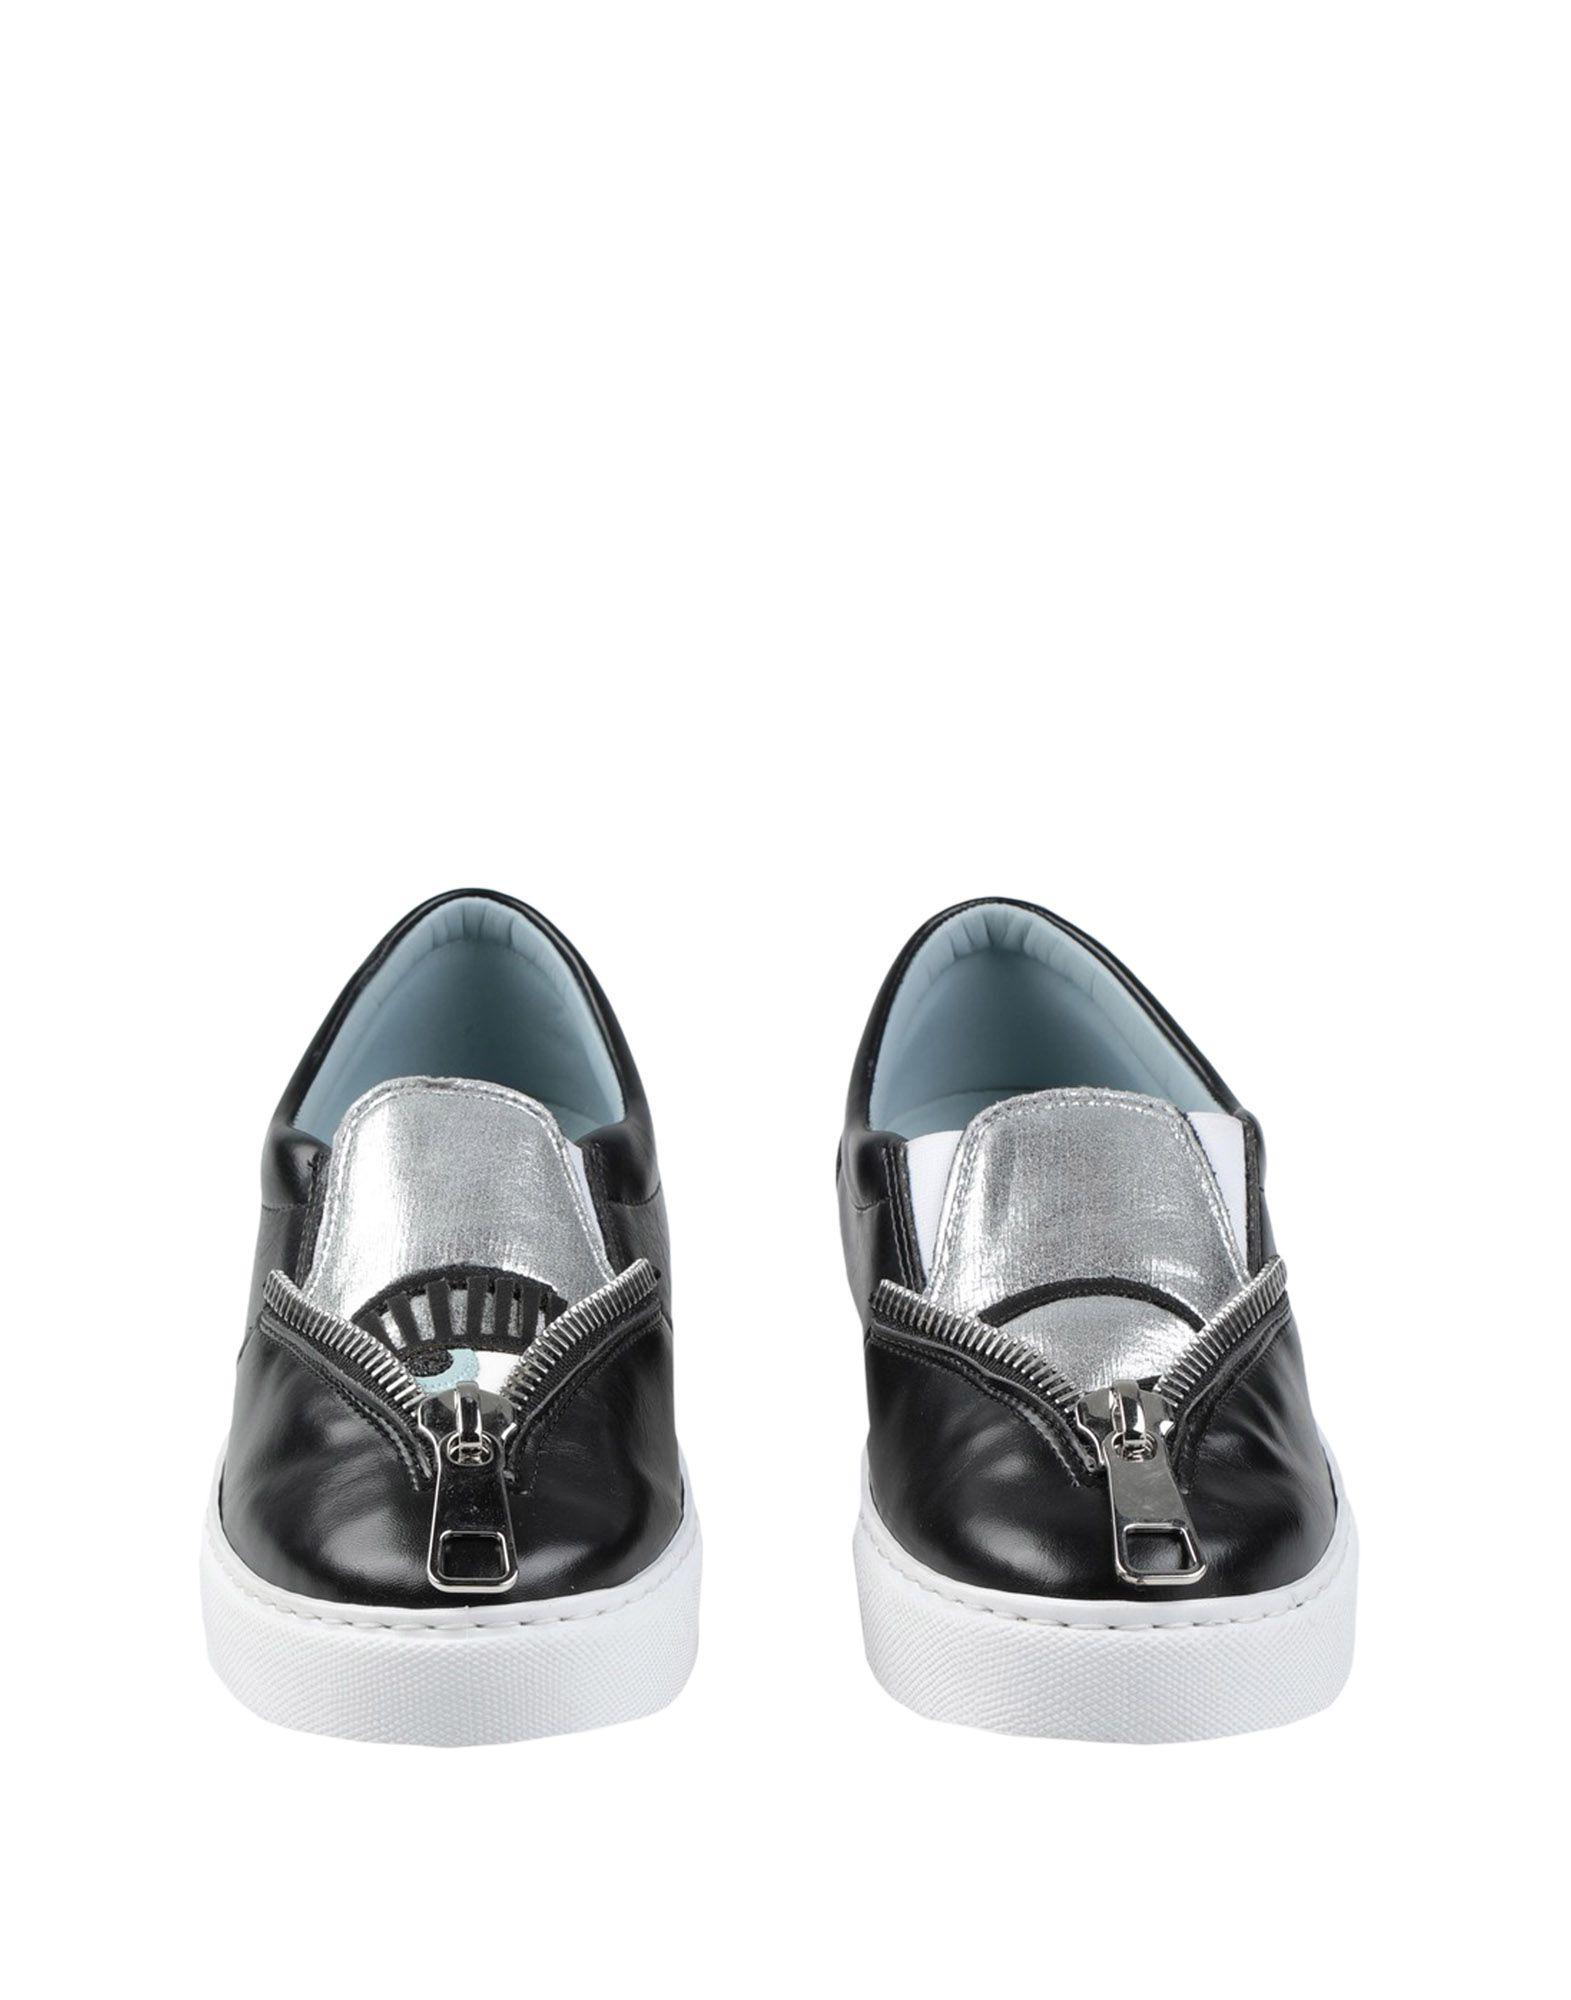 Stilvolle Sneakers billige Schuhe Chiara Ferragni Sneakers Stilvolle Damen  11554825GA bbe955